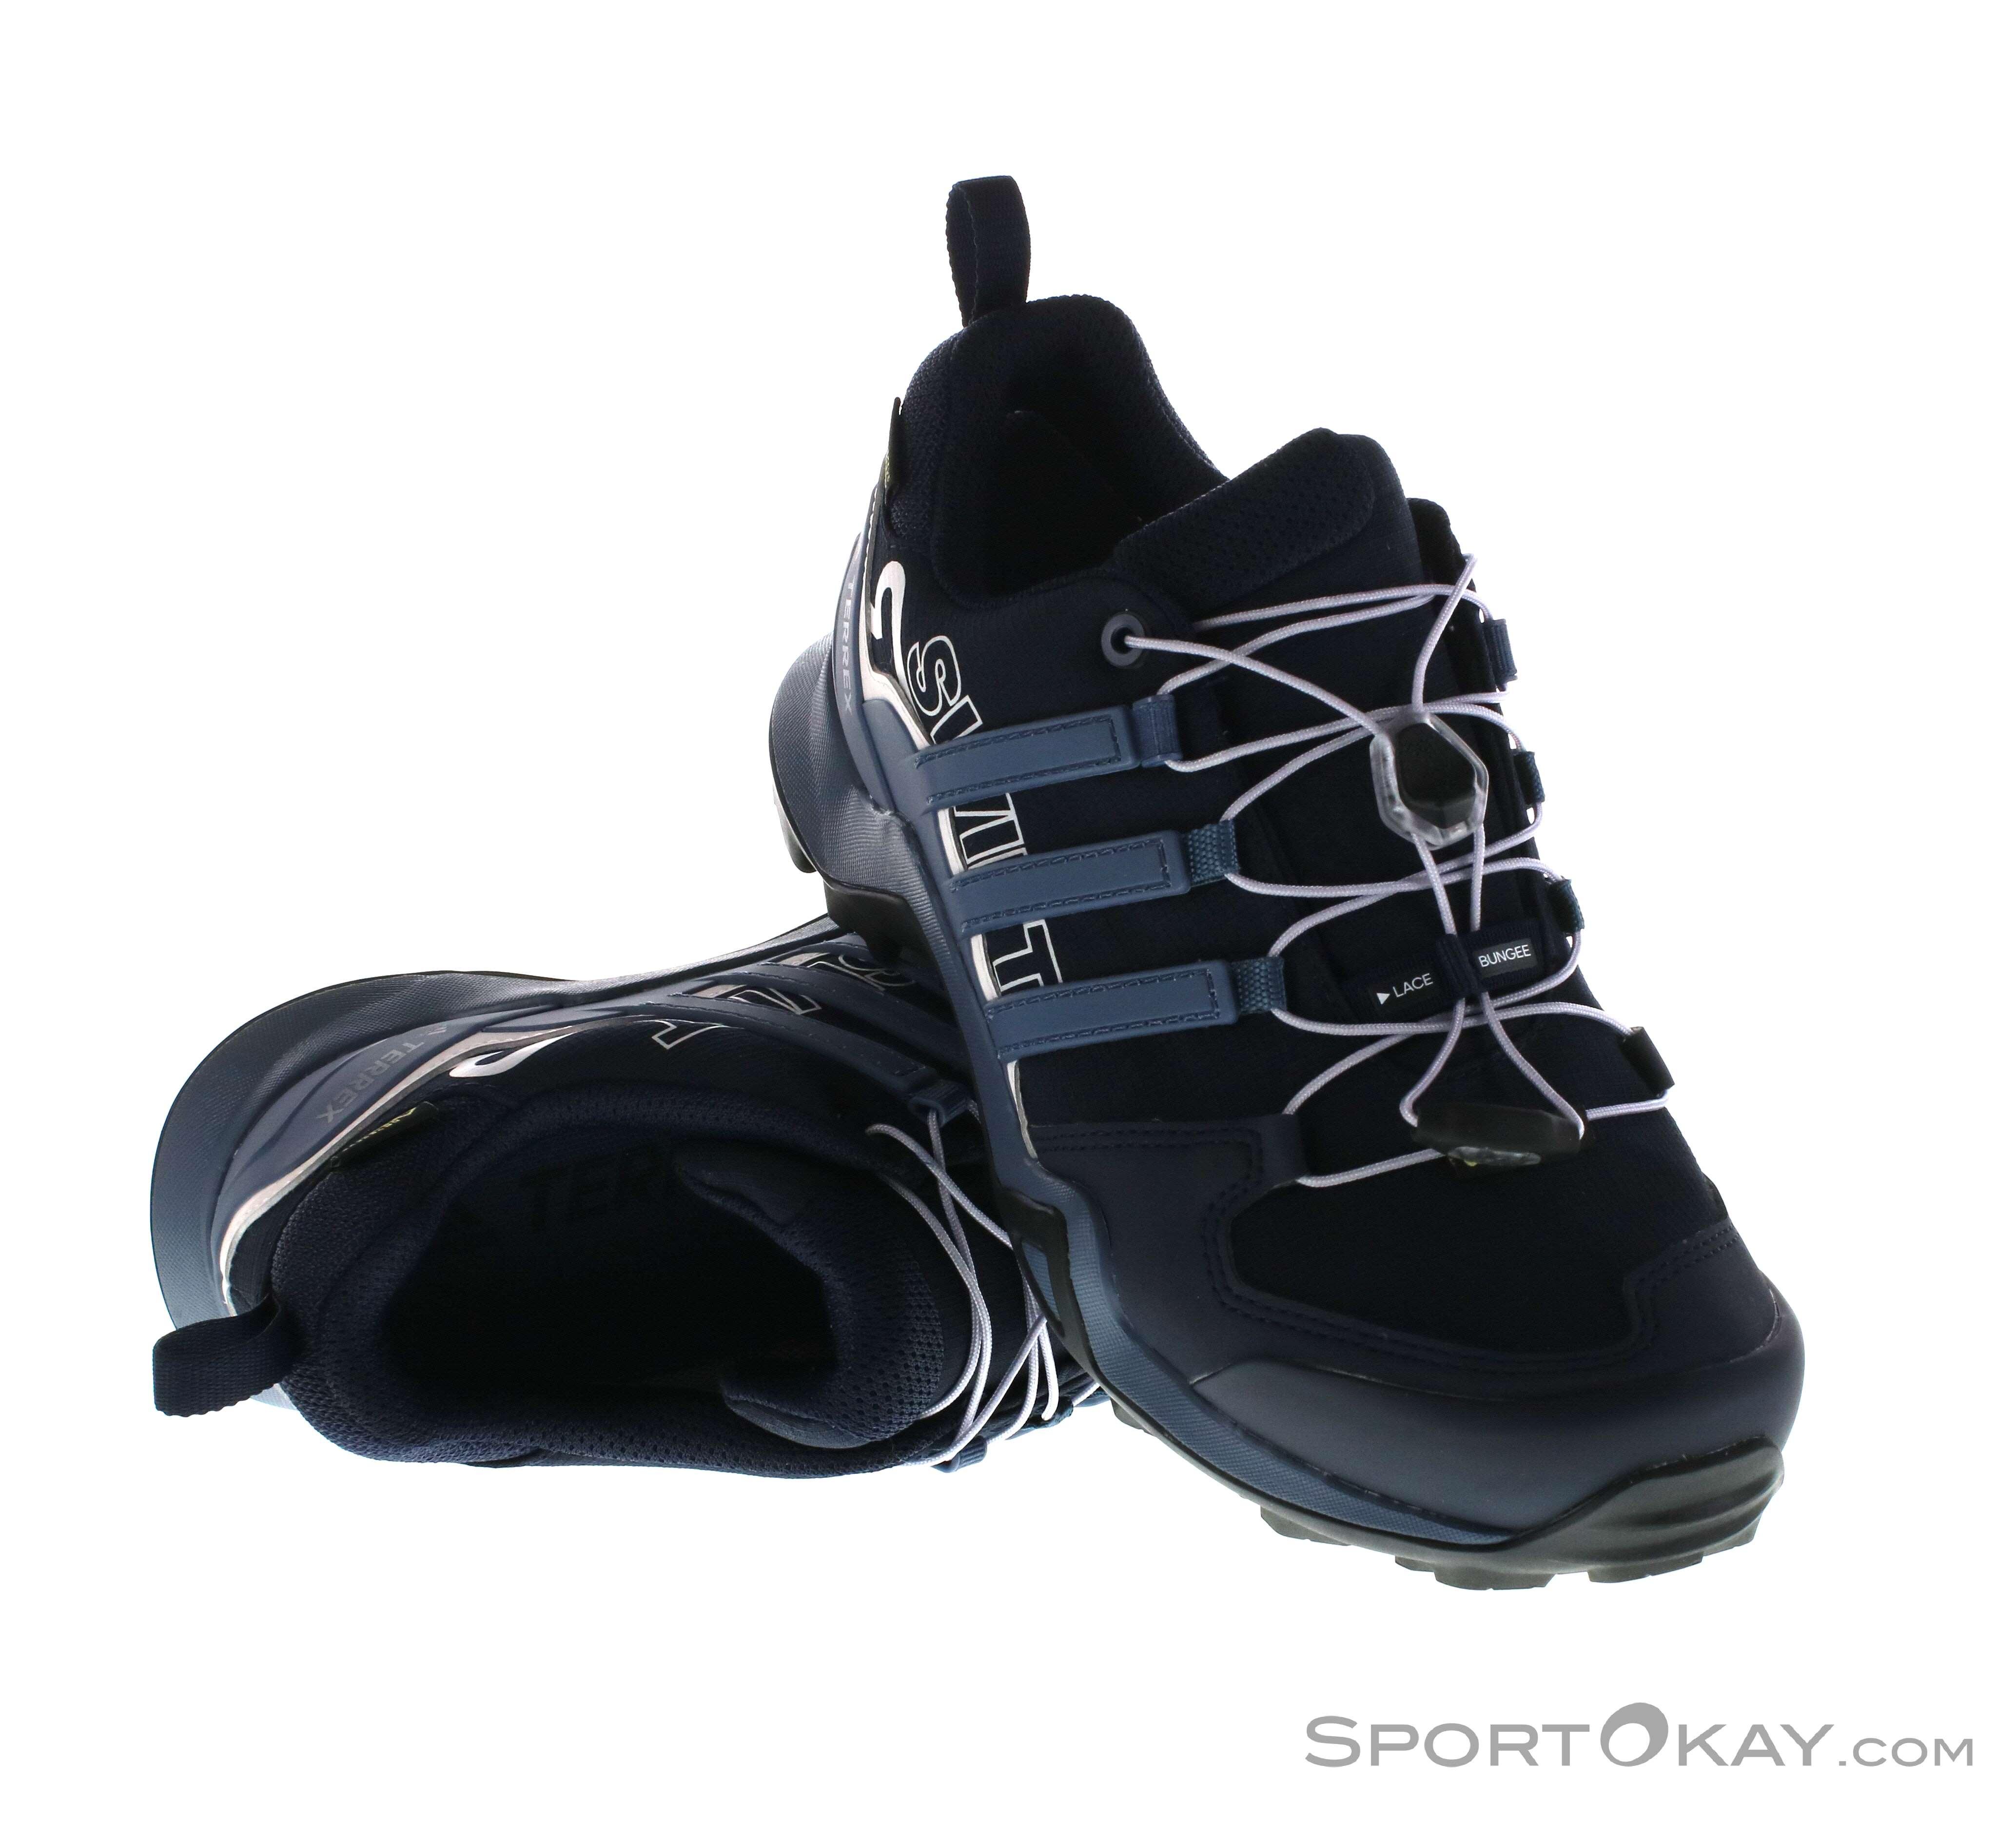 181d48c1f33b8 adidas Terrex Swift R2 GTX Womens Trekking Shoes Gore-Tex - Trekking ...